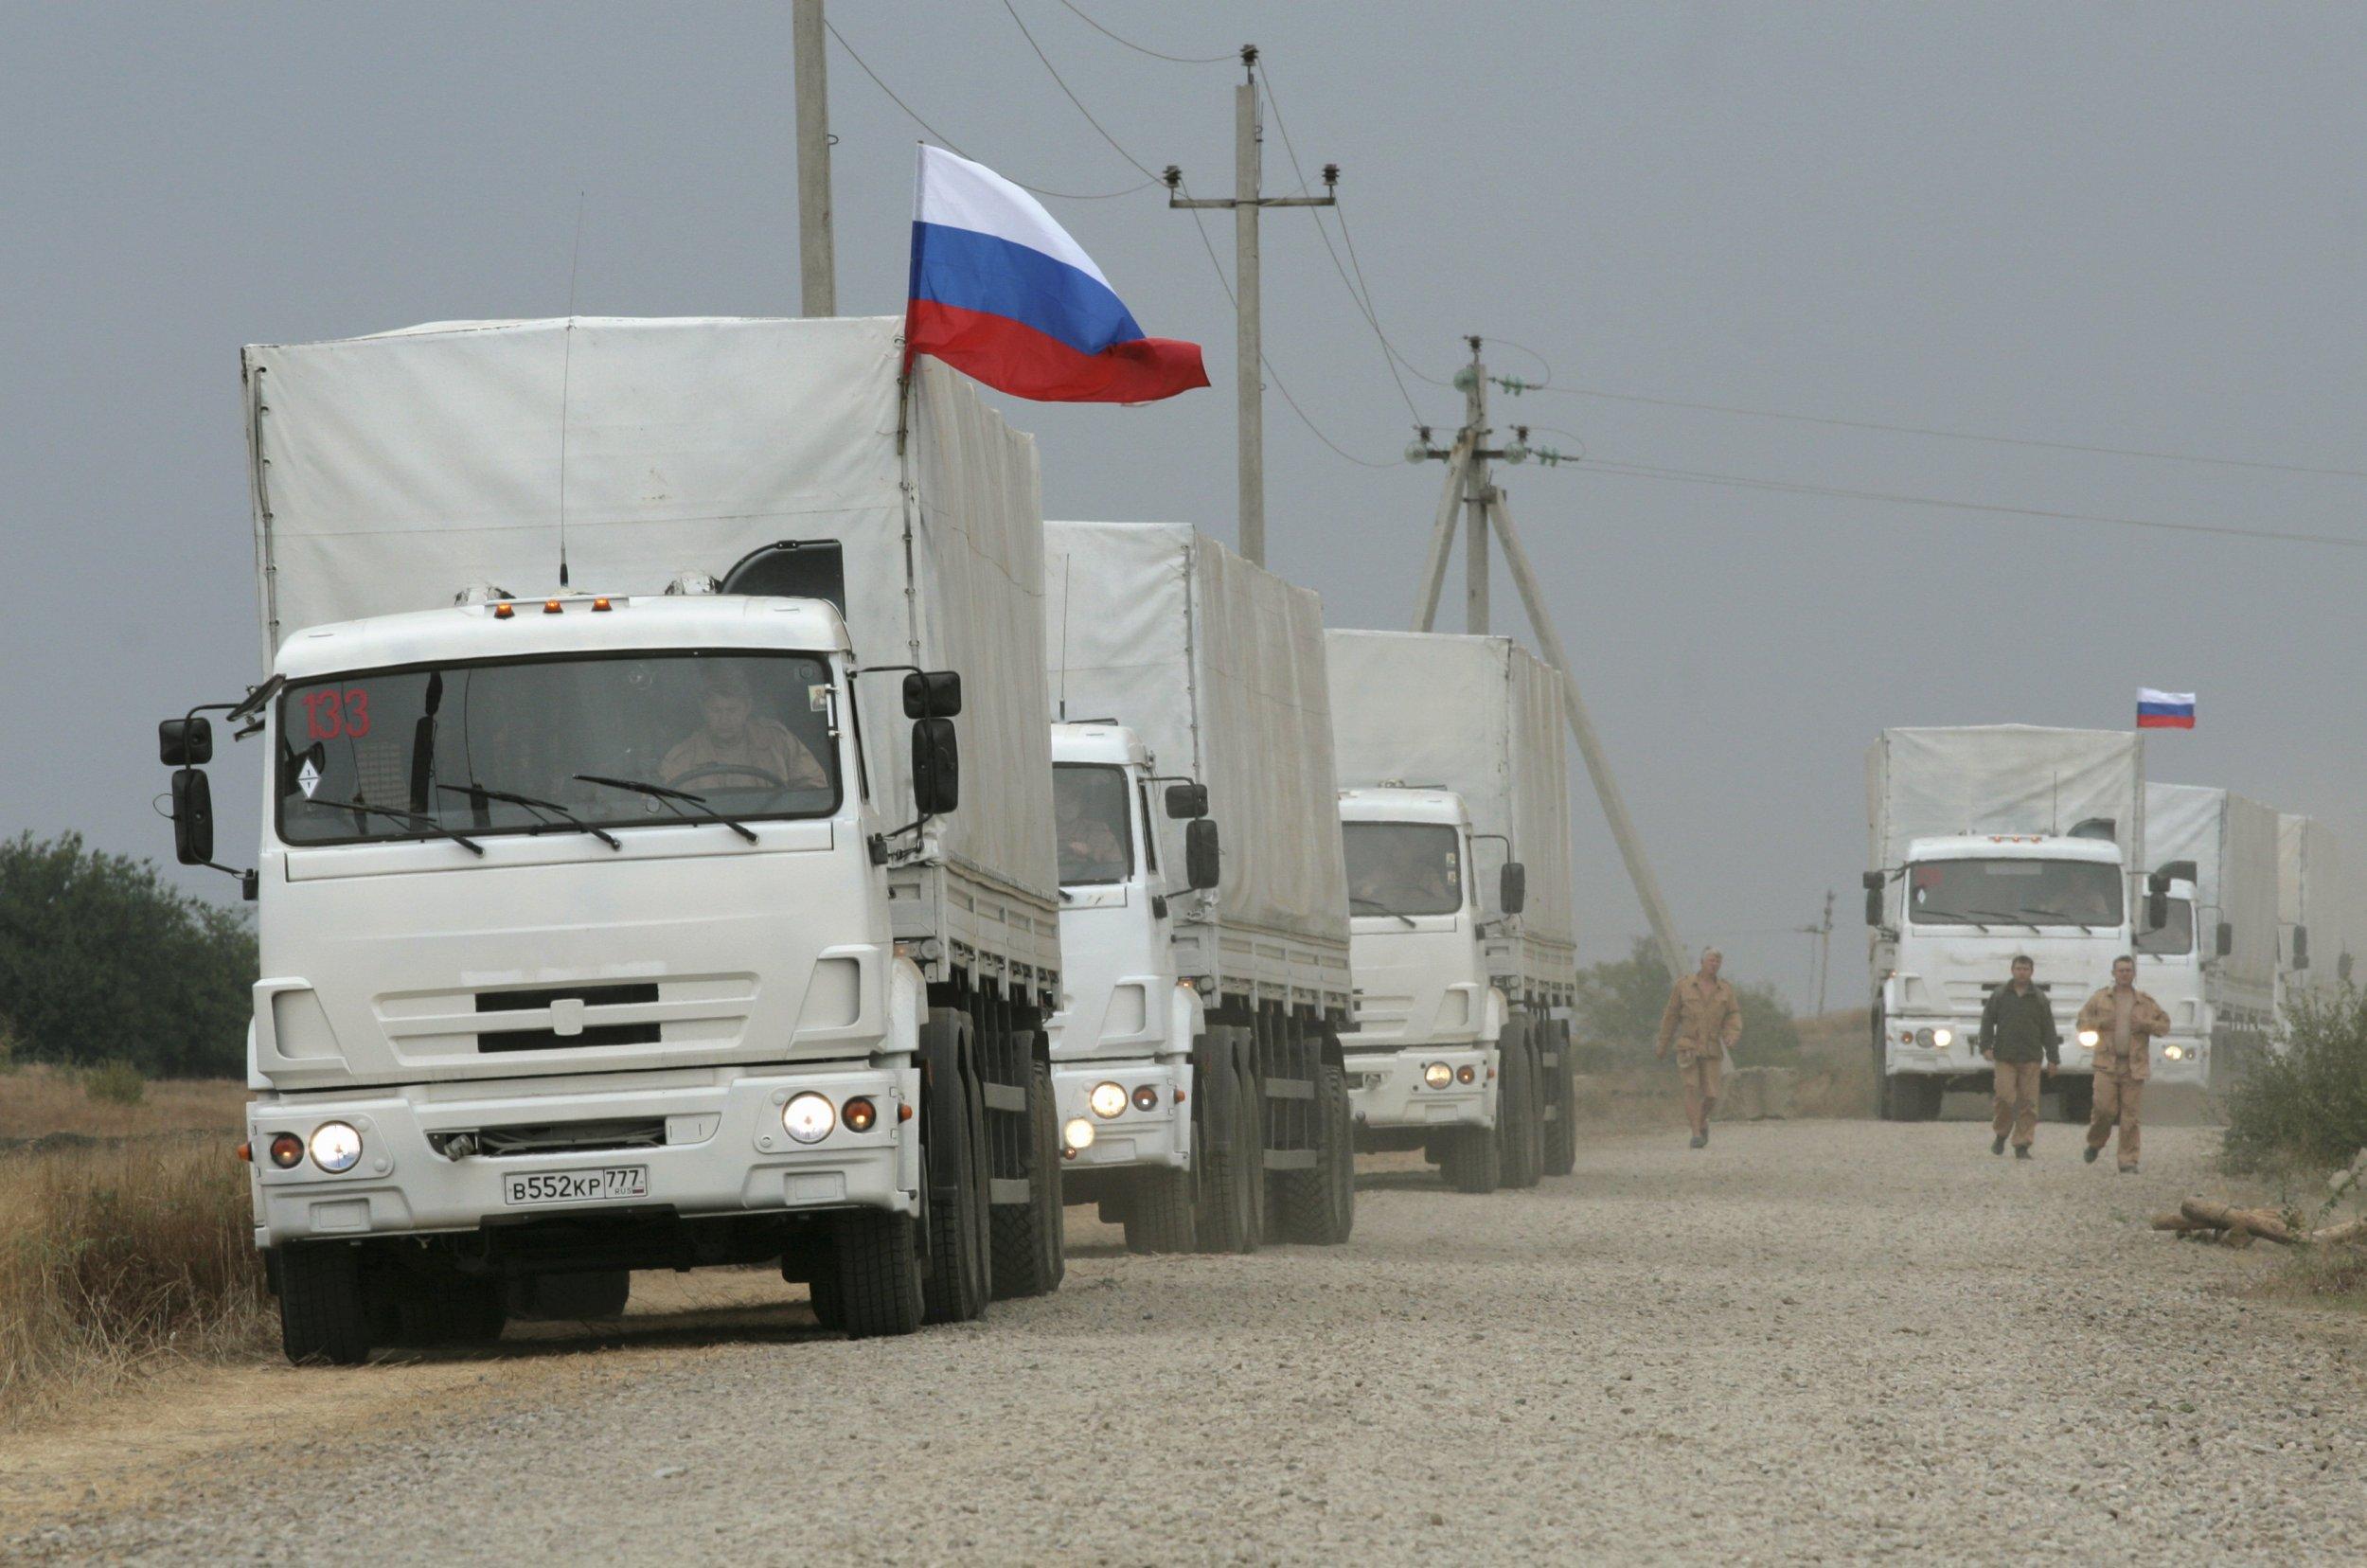 Ukraine convoy